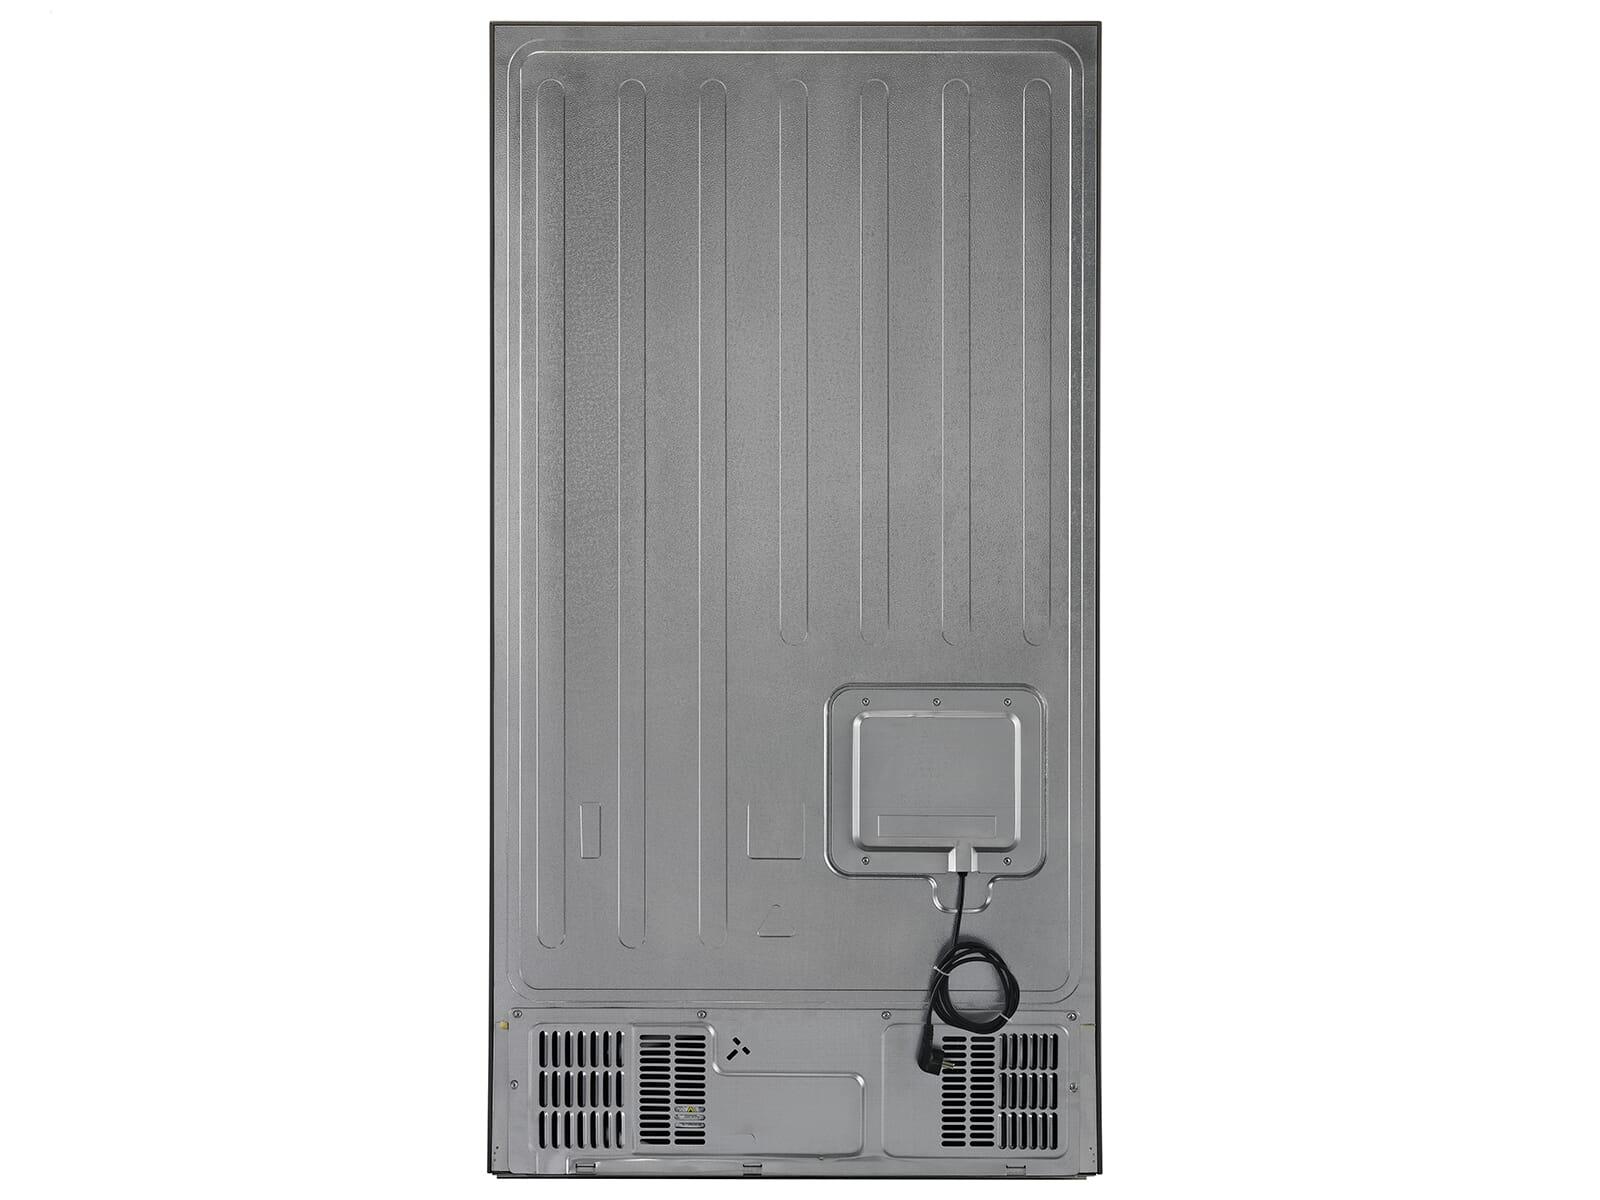 Side By Side Kühlschrank Mit Wassertank Ohne Festwasseranschluss : French door kühlschrank ohne festwasseranschluss sichtschutz für